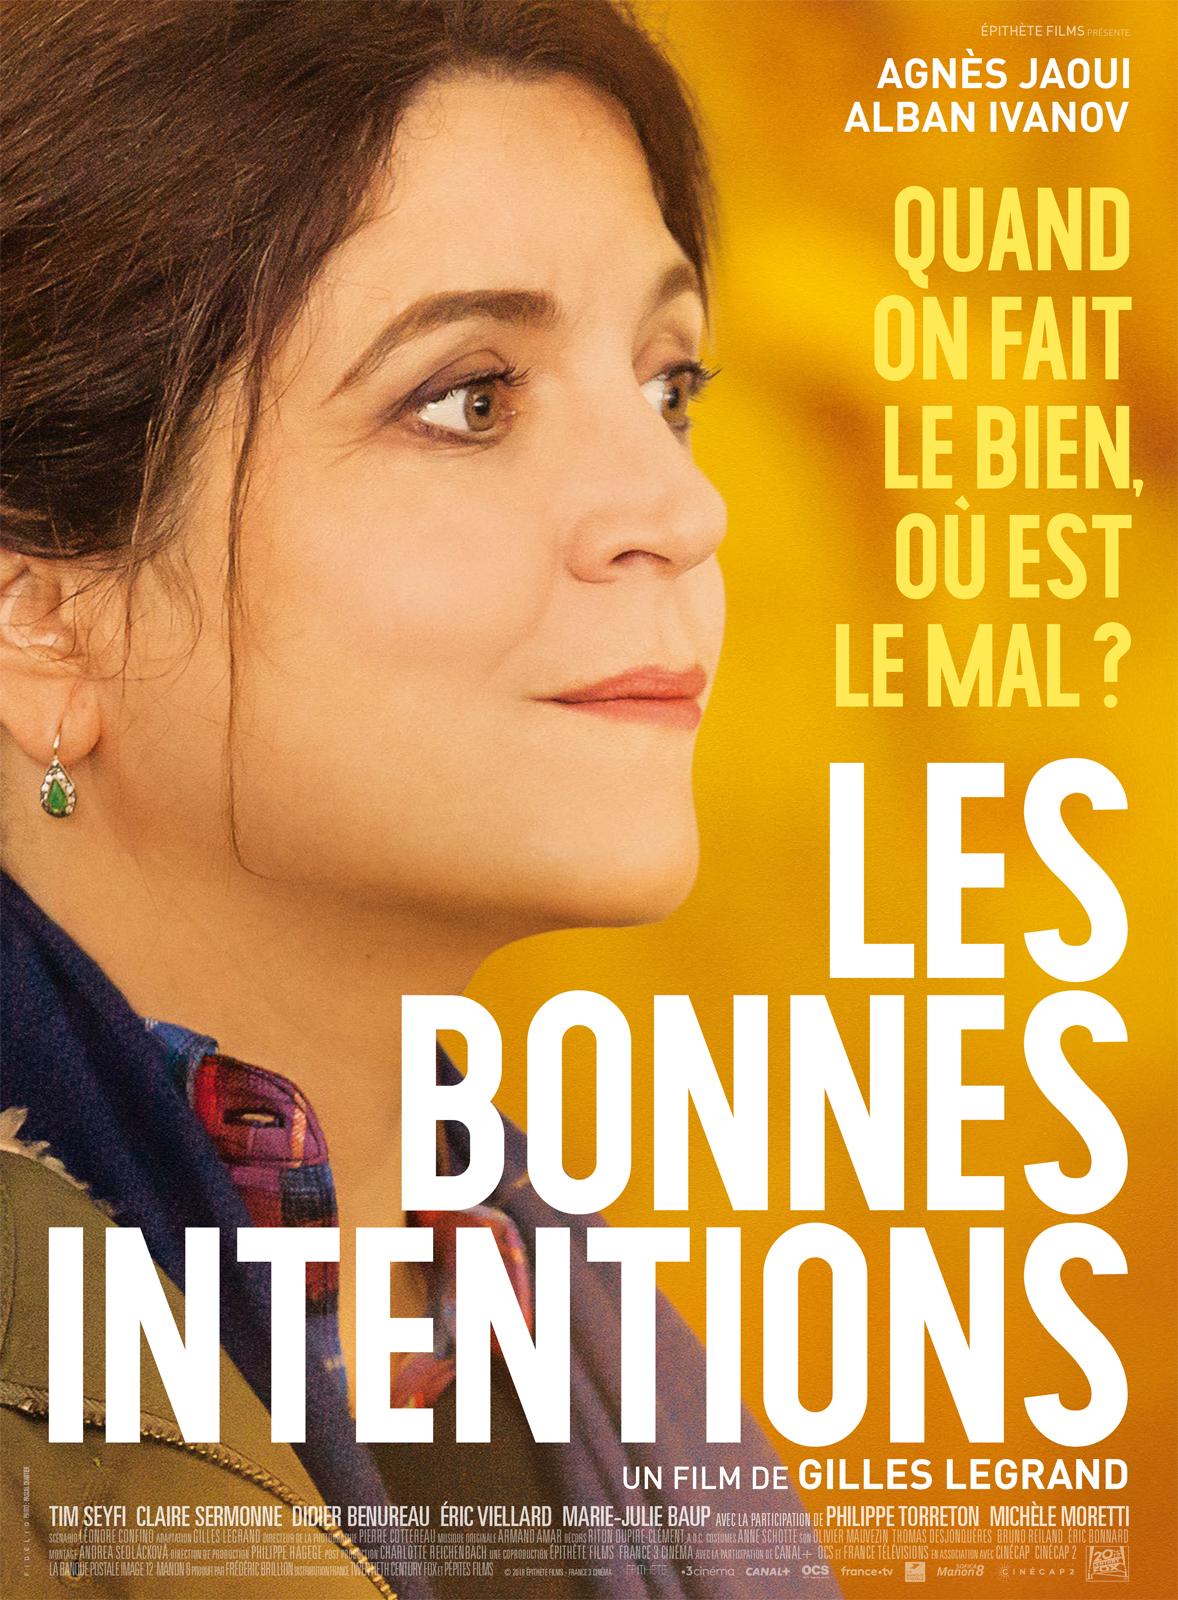 Les Bonnes Intentions critique film avis Gilles Legrand Affiche